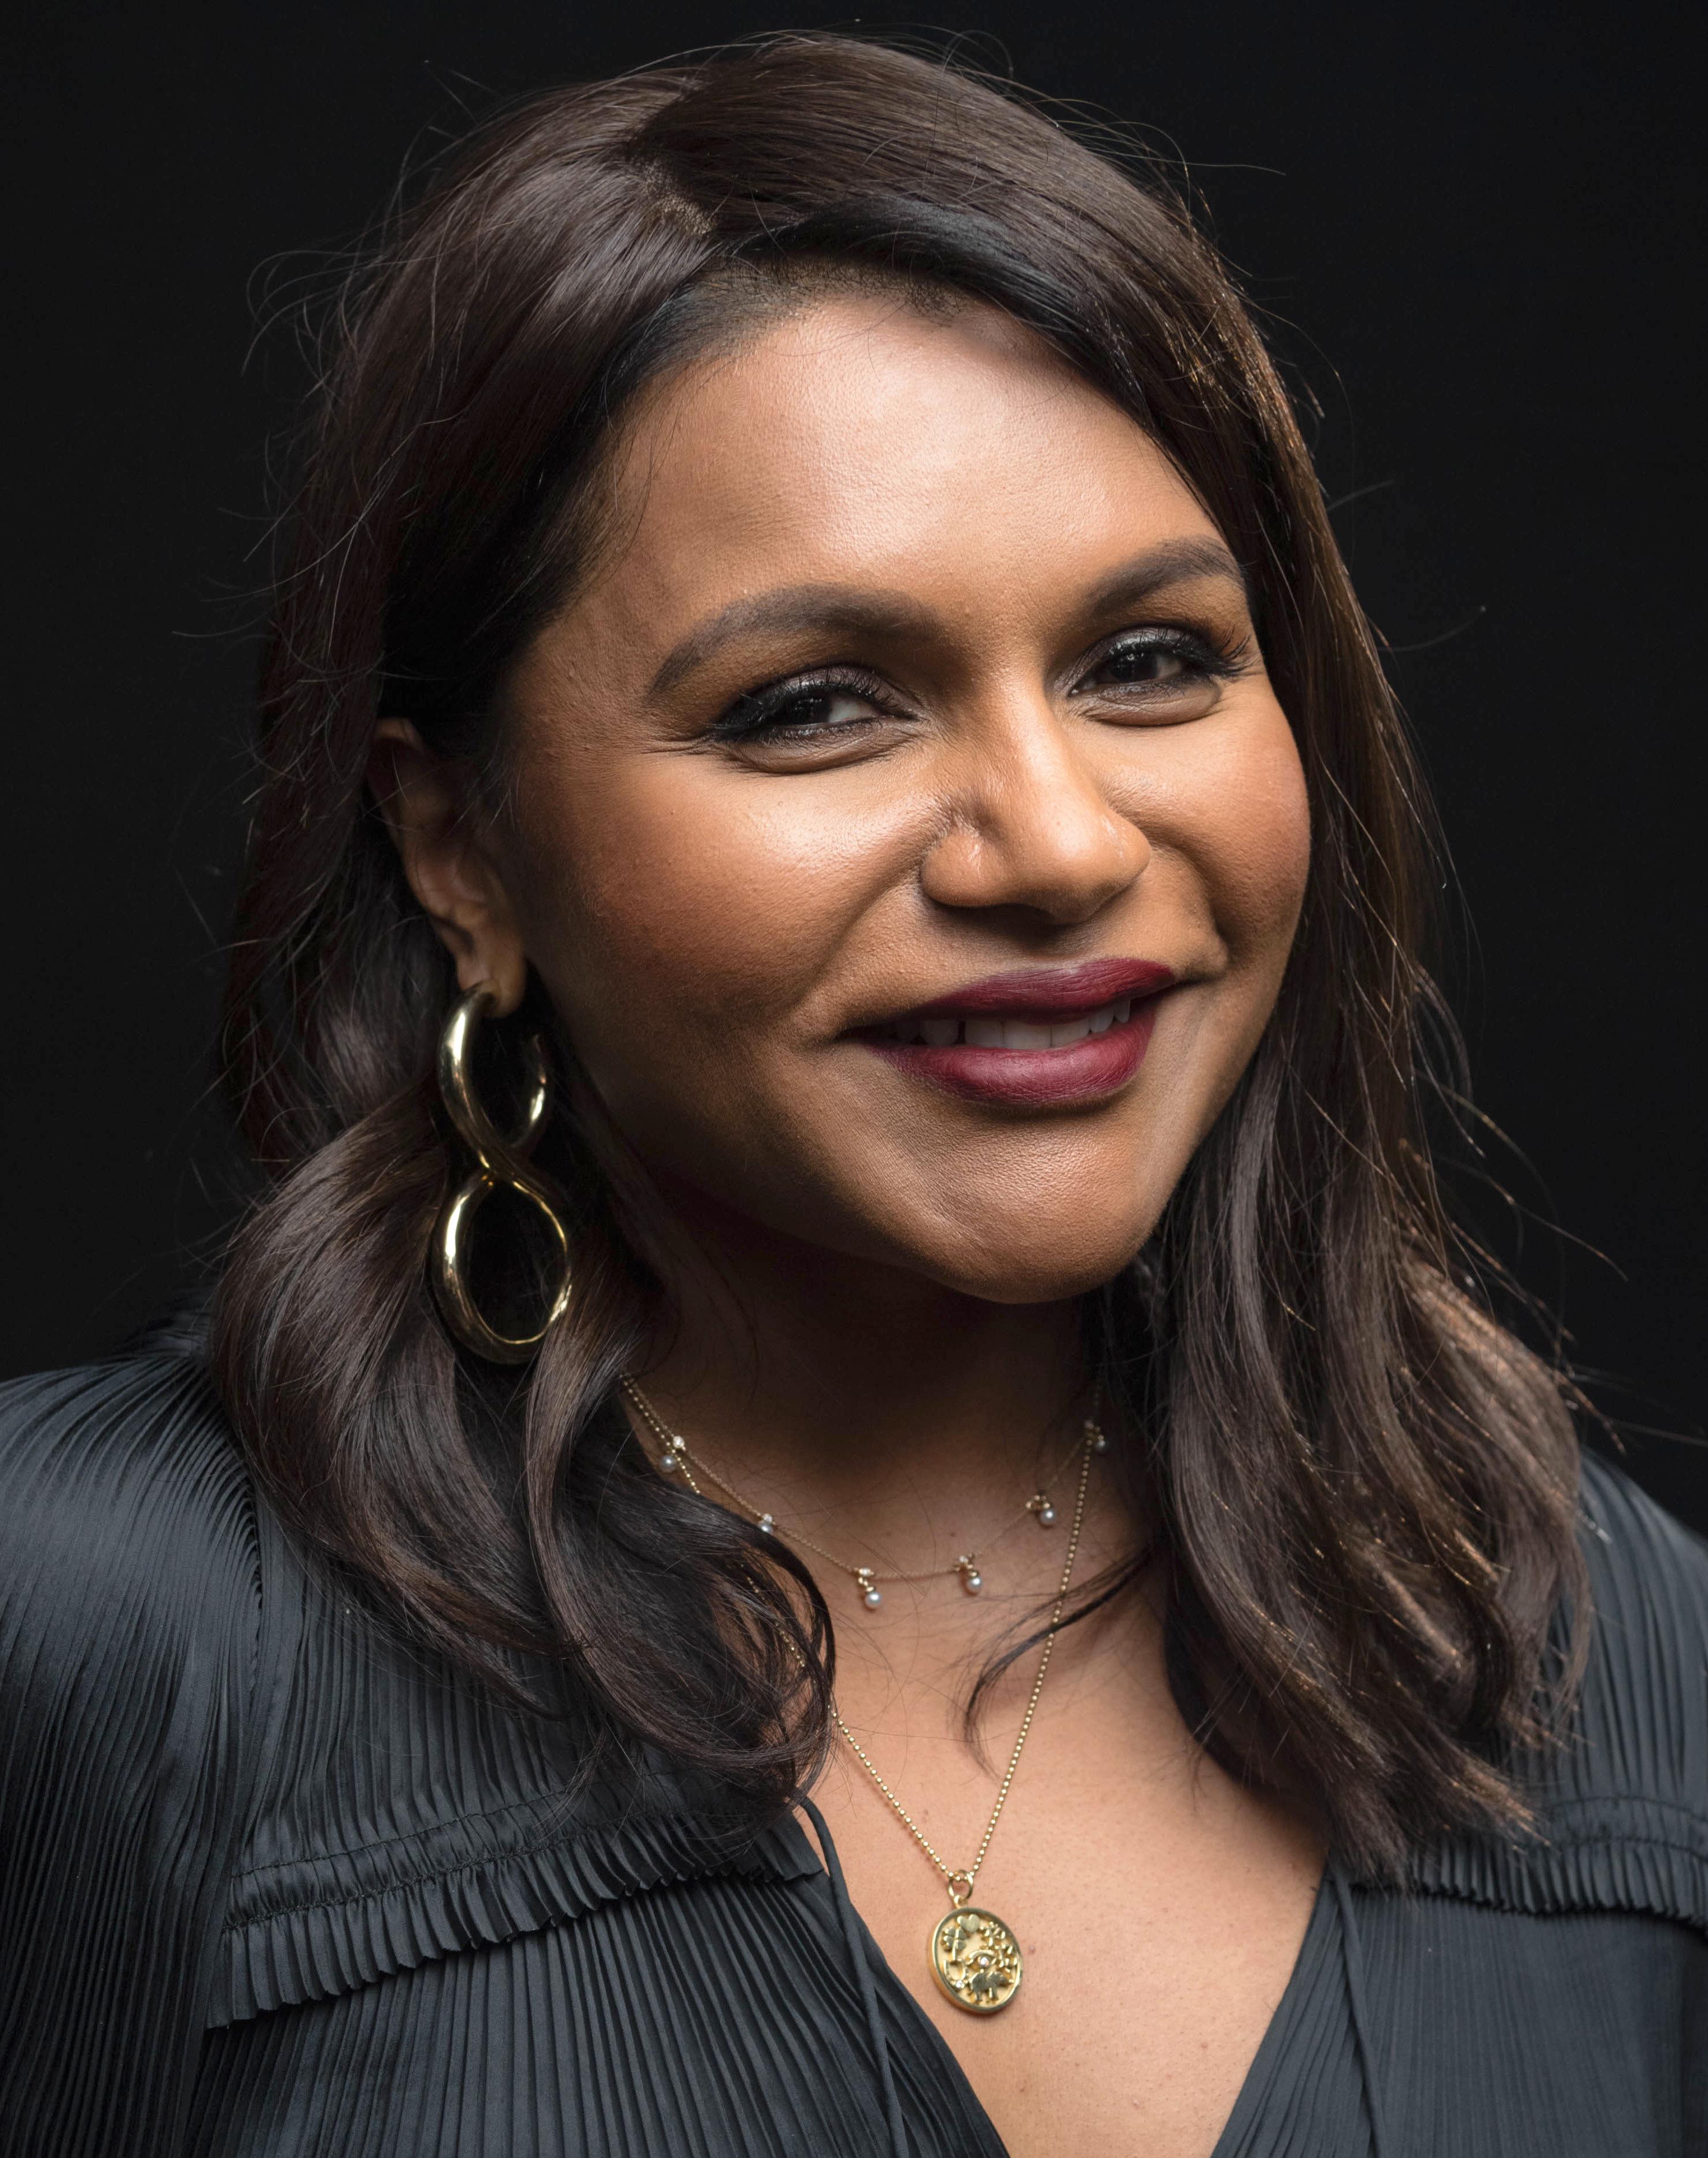 Mindy Kaling - Wikipedia